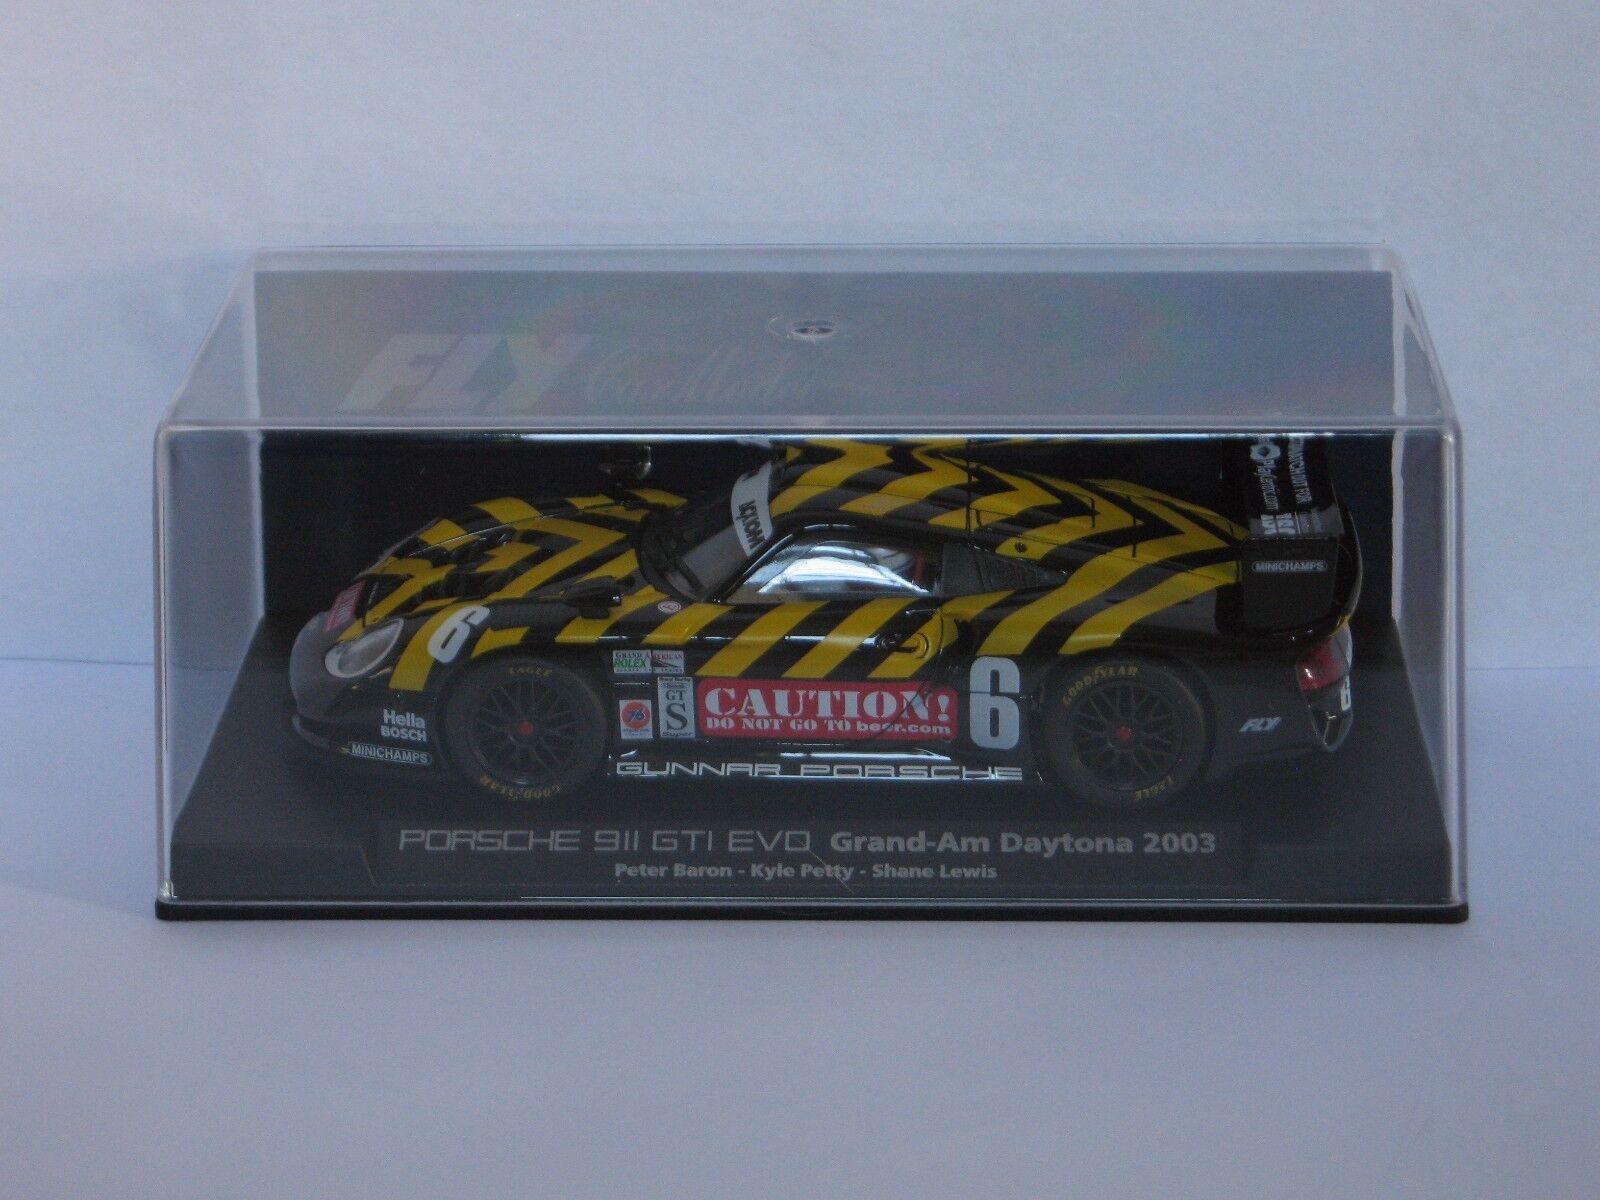 FLY Car Porsche 911 GT1 EVO Grand-Am Daytona 2003 Refs. A50 & 88074